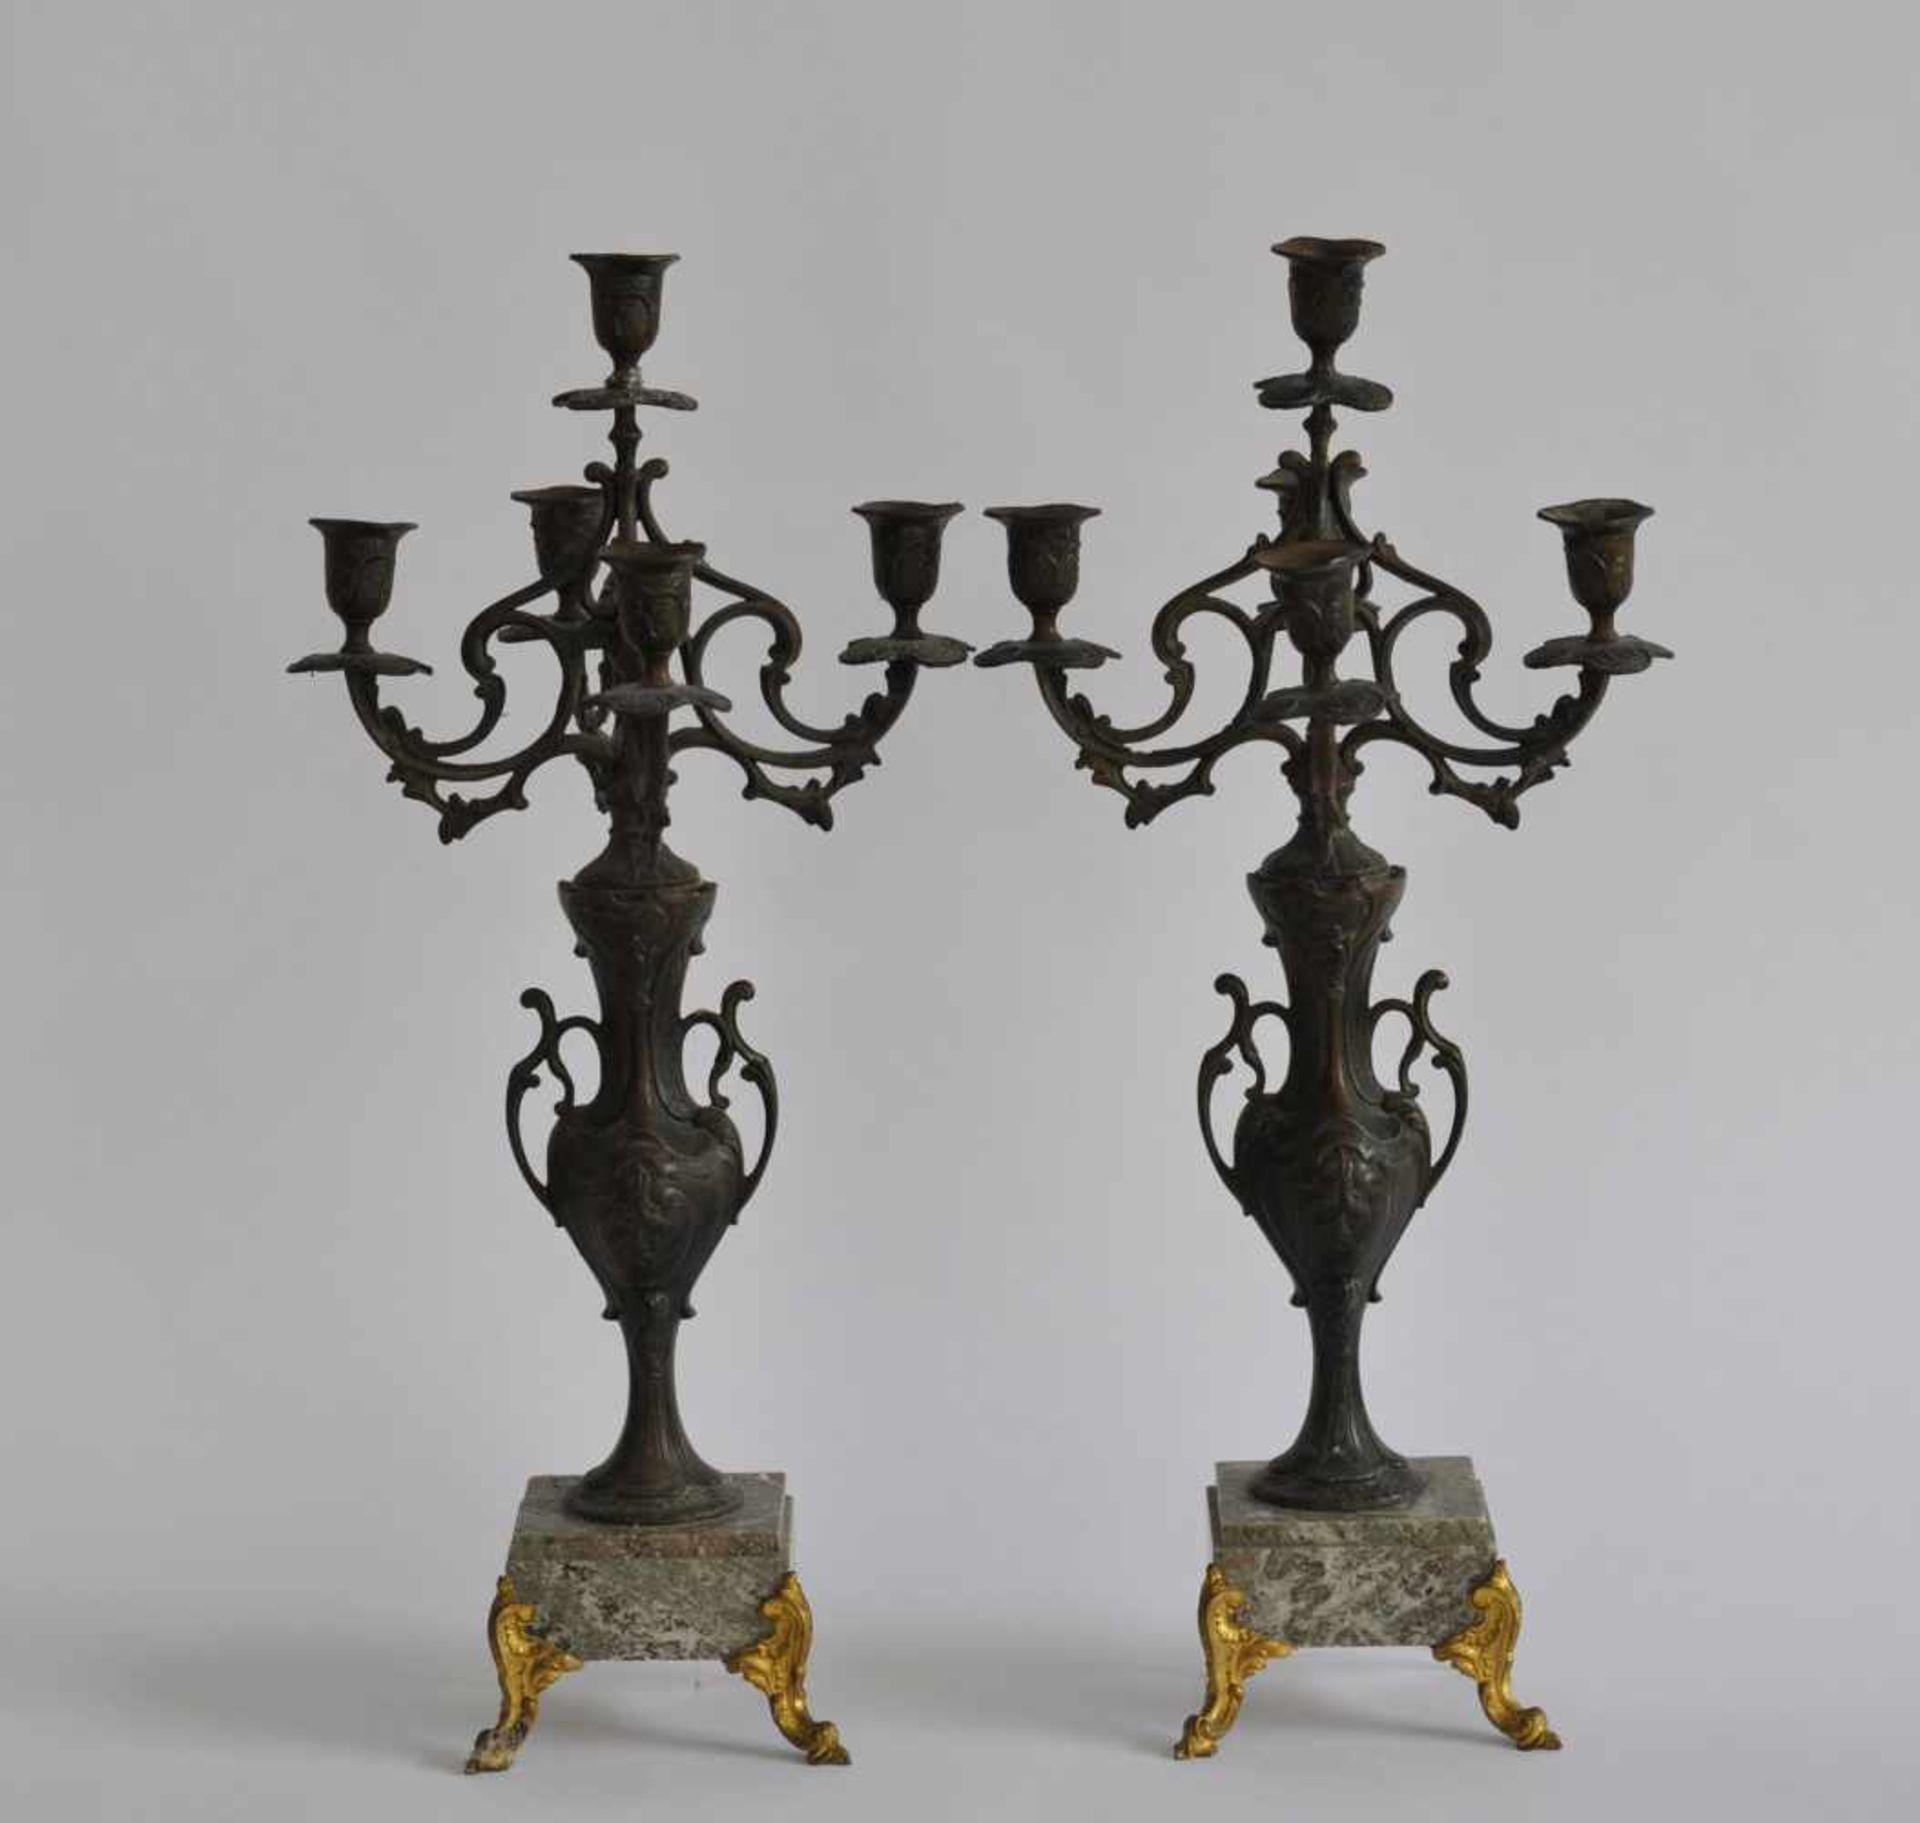 PAAR GIRANDOLEN, 5-flammig, Frankreich, späte Historismus-Epoche, Zinkguss, bronziert, Rokoko-